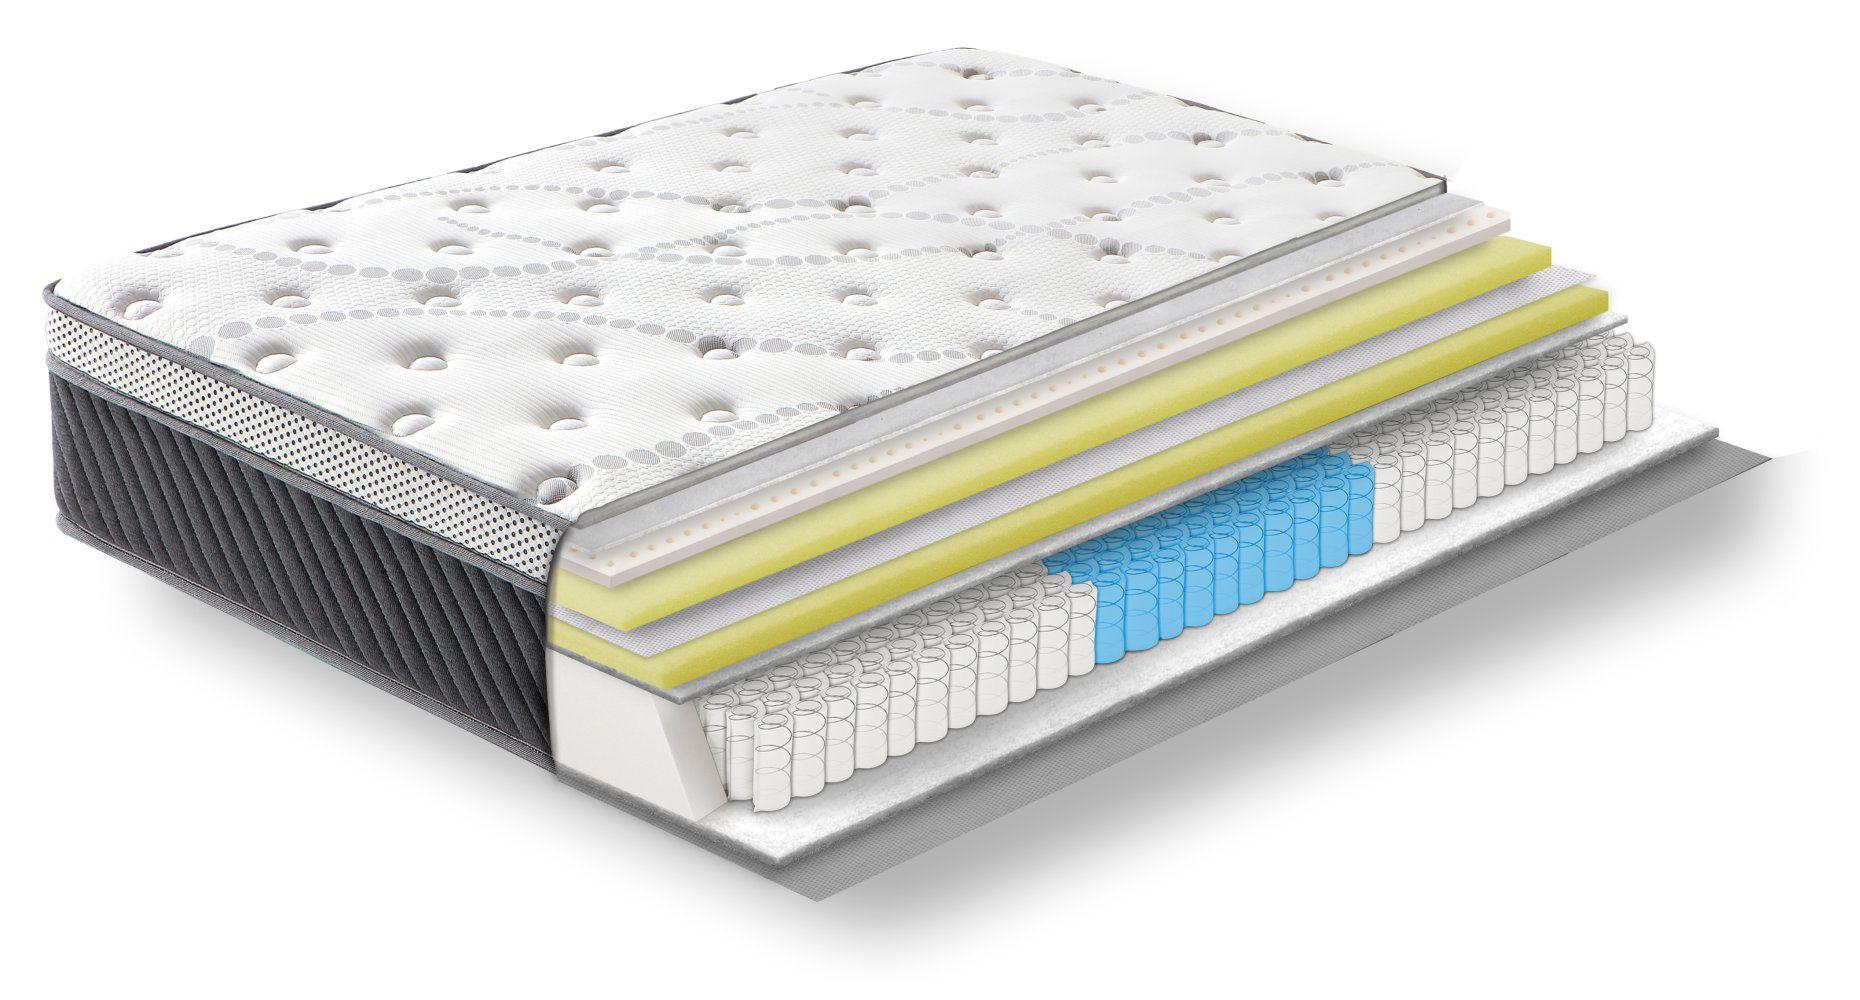 Steiner Premium Matratze Cozy mit 3-Zonen-Taschenfederkern - Größe: 140 x 200 cm, Härtegrad H4, Höhe: 25 cm